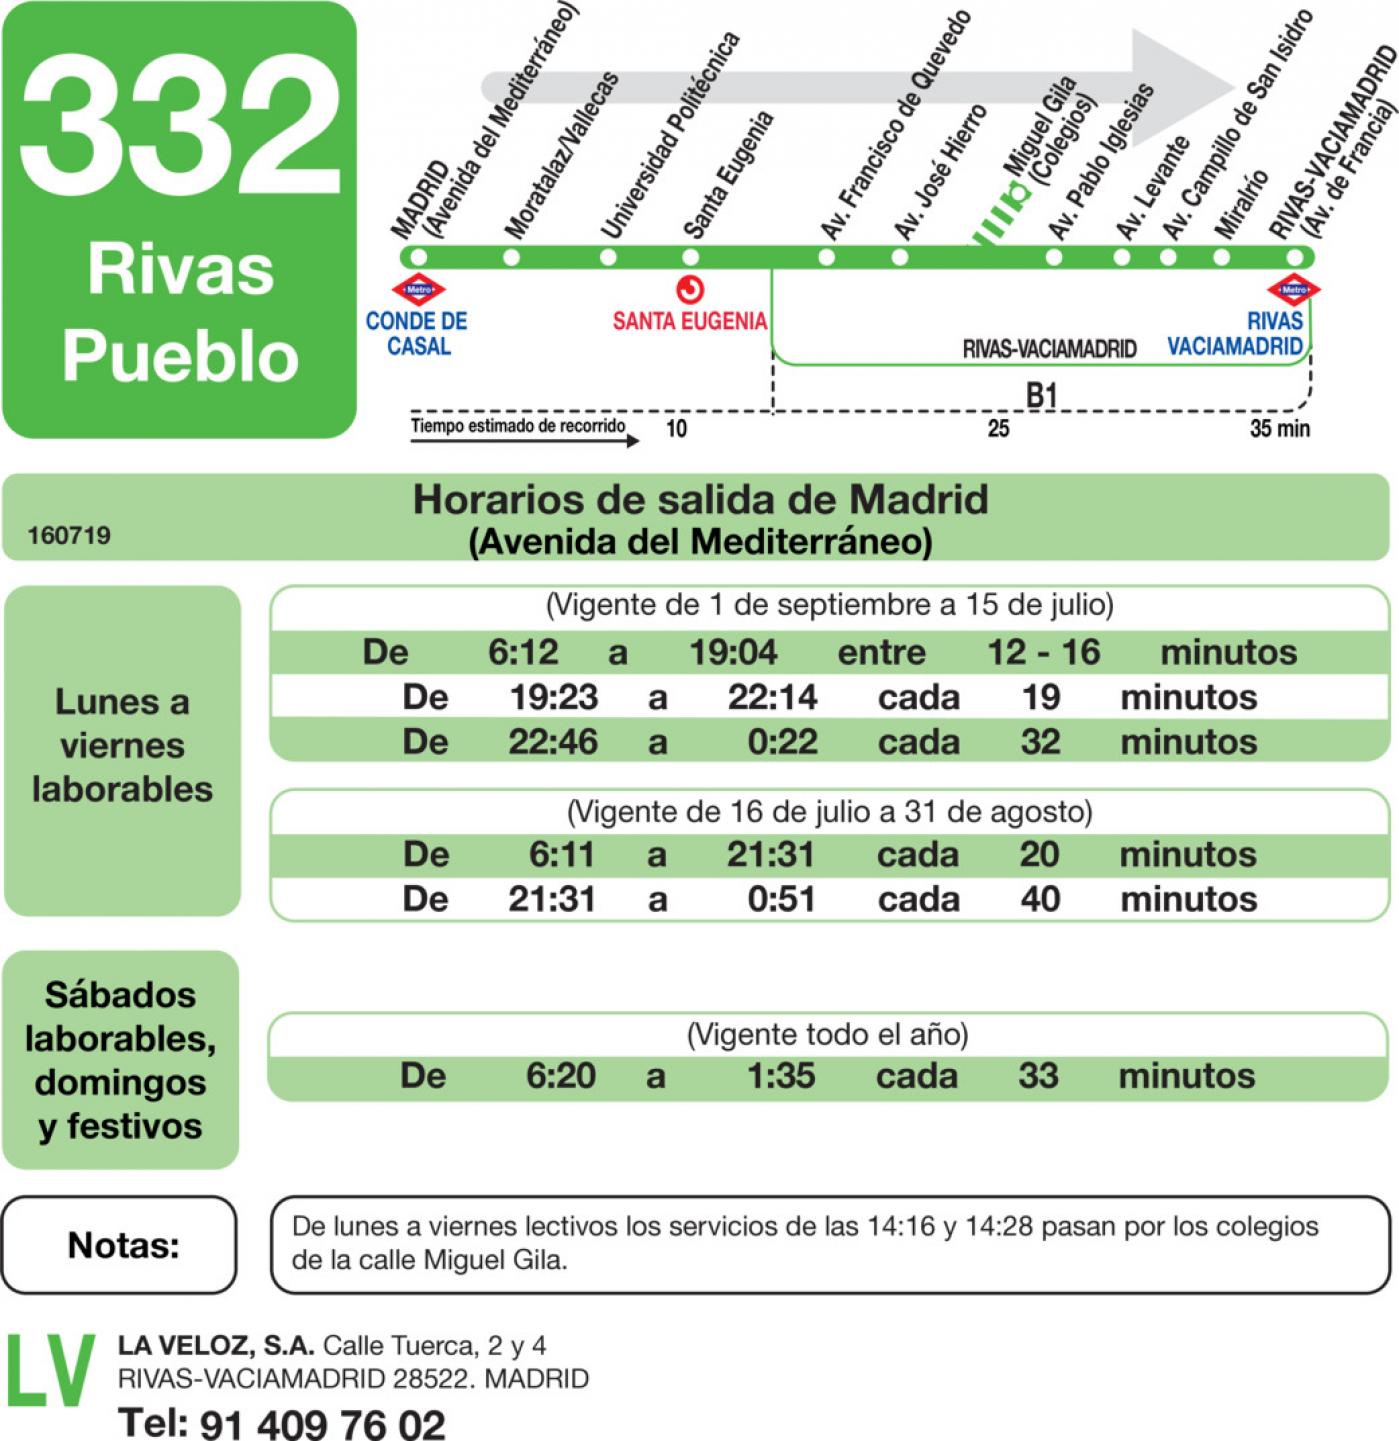 Tabla de horarios y frecuencias de paso en sentido ida Línea 332: Madrid (Conde de Casal) - Rivas (Pueblo)